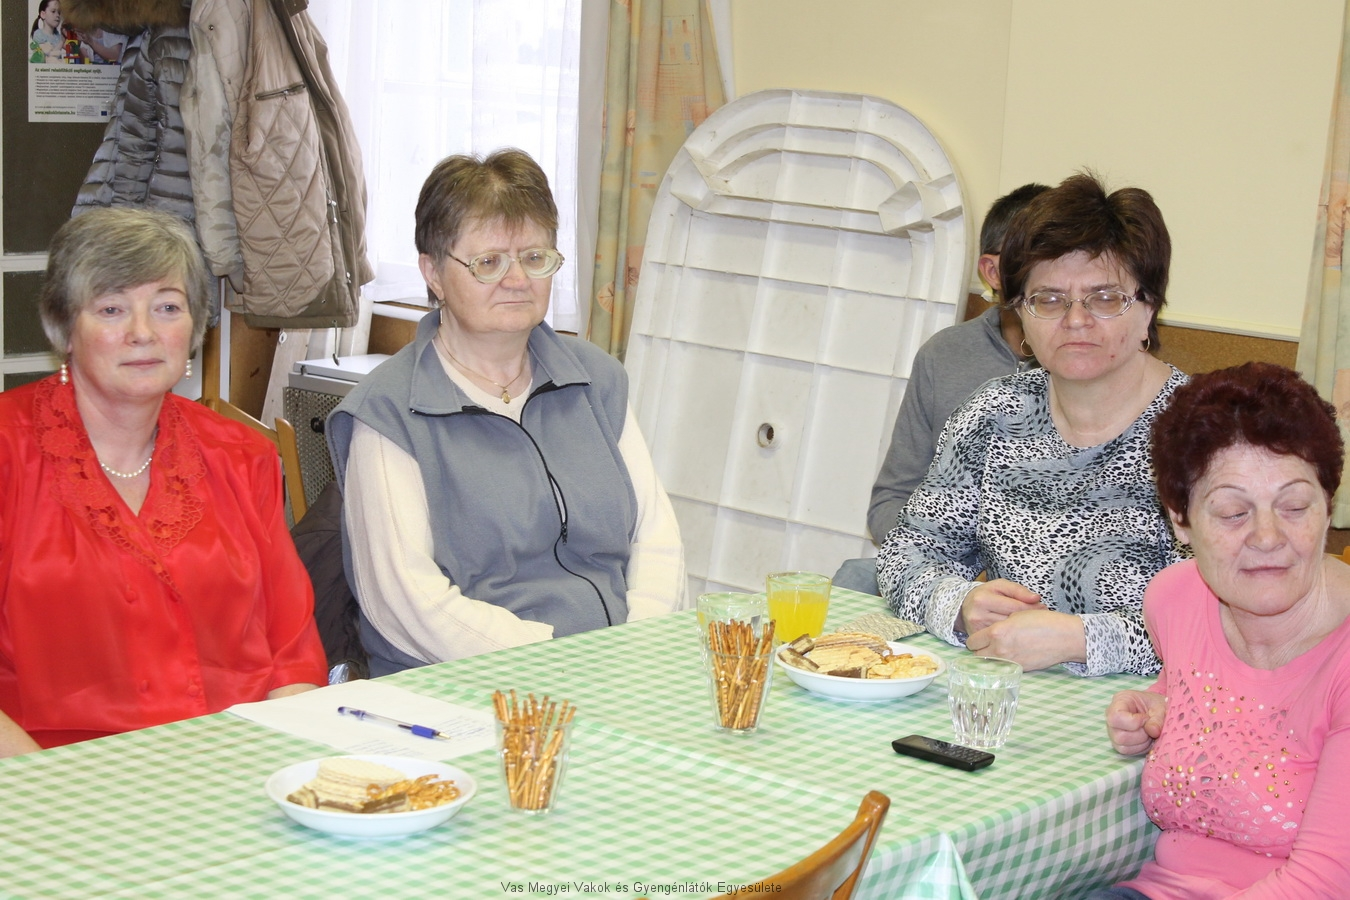 Vassné Verácska társaságában a Kőszegről érkezett tagjaink. Az asztalon sütemény, ropi.